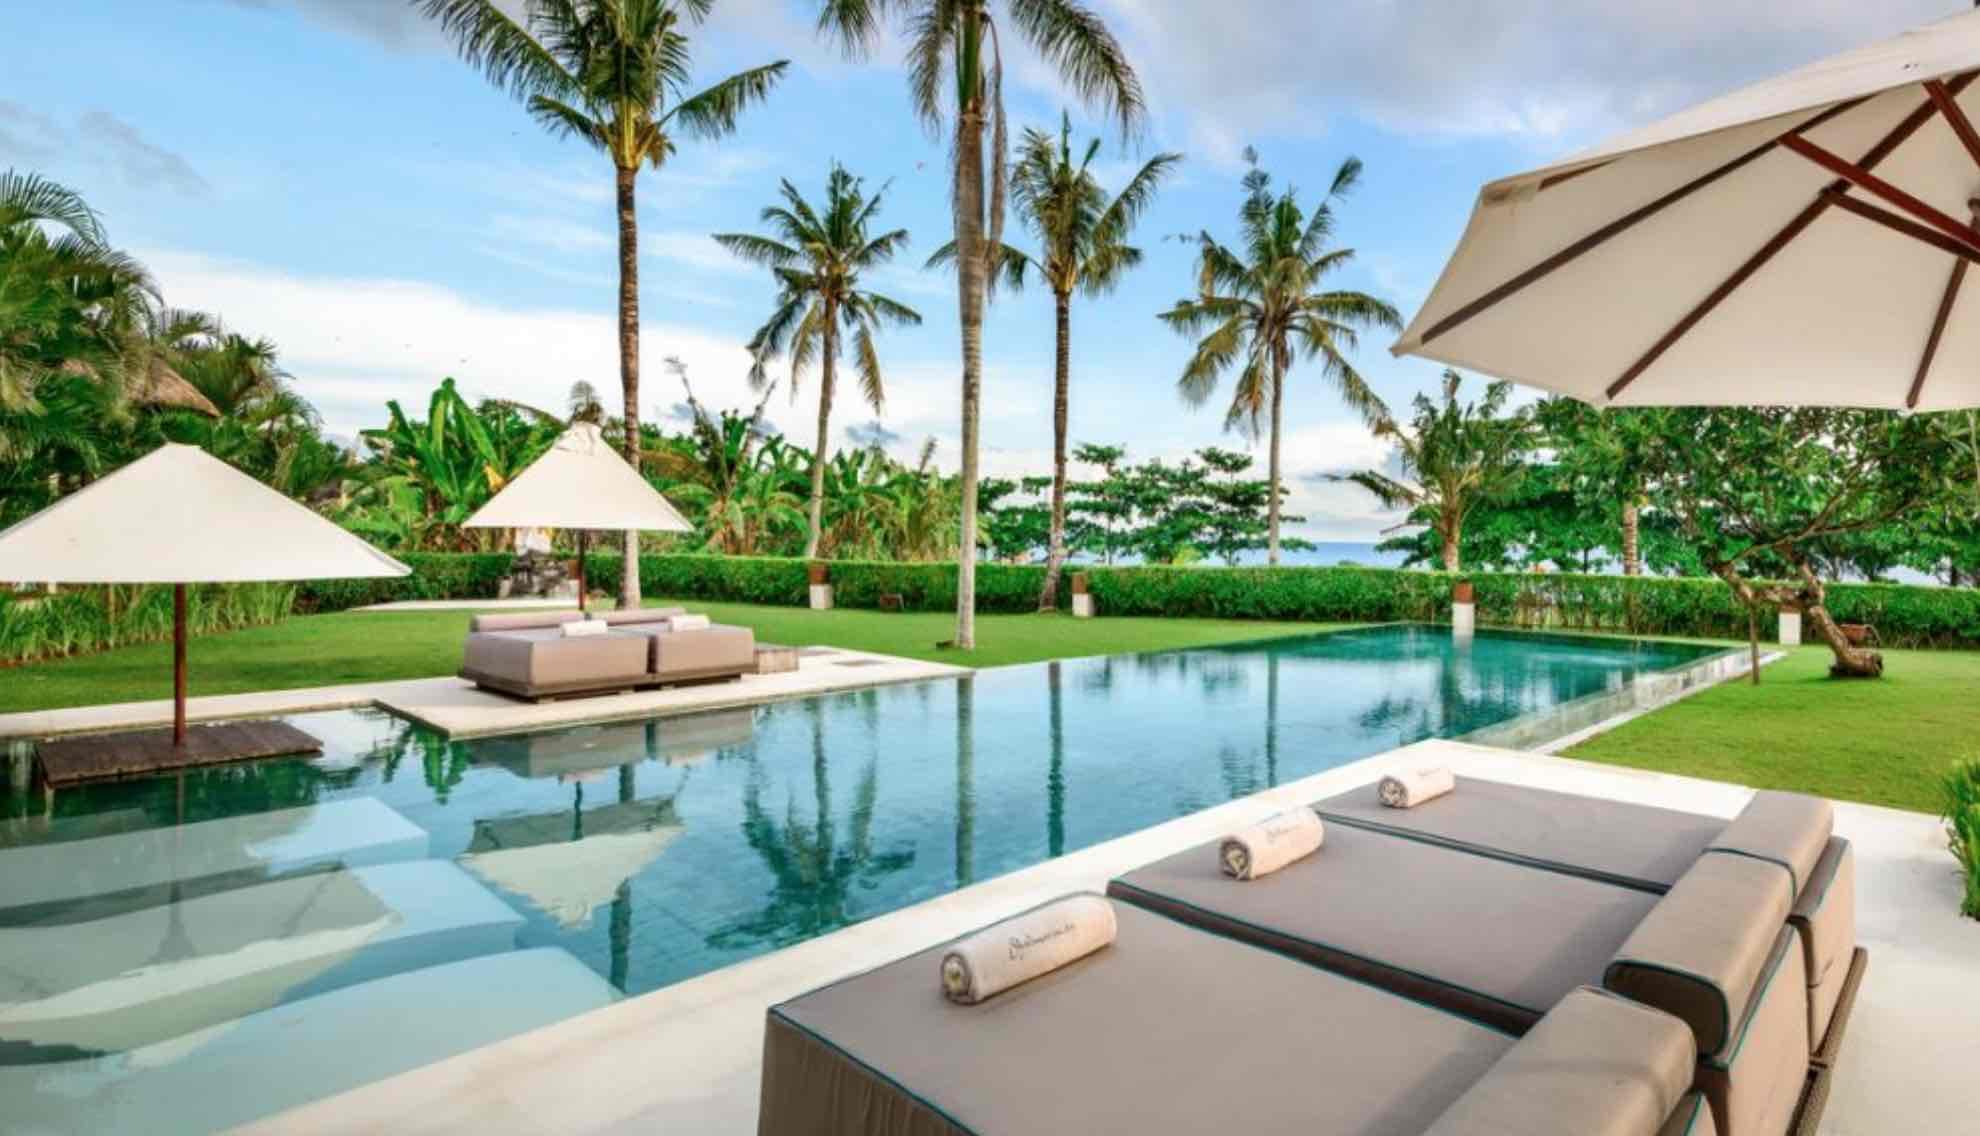 Top 10 Wedding Villas in Bali you will LOVE | BALI VILLA ESCAPES